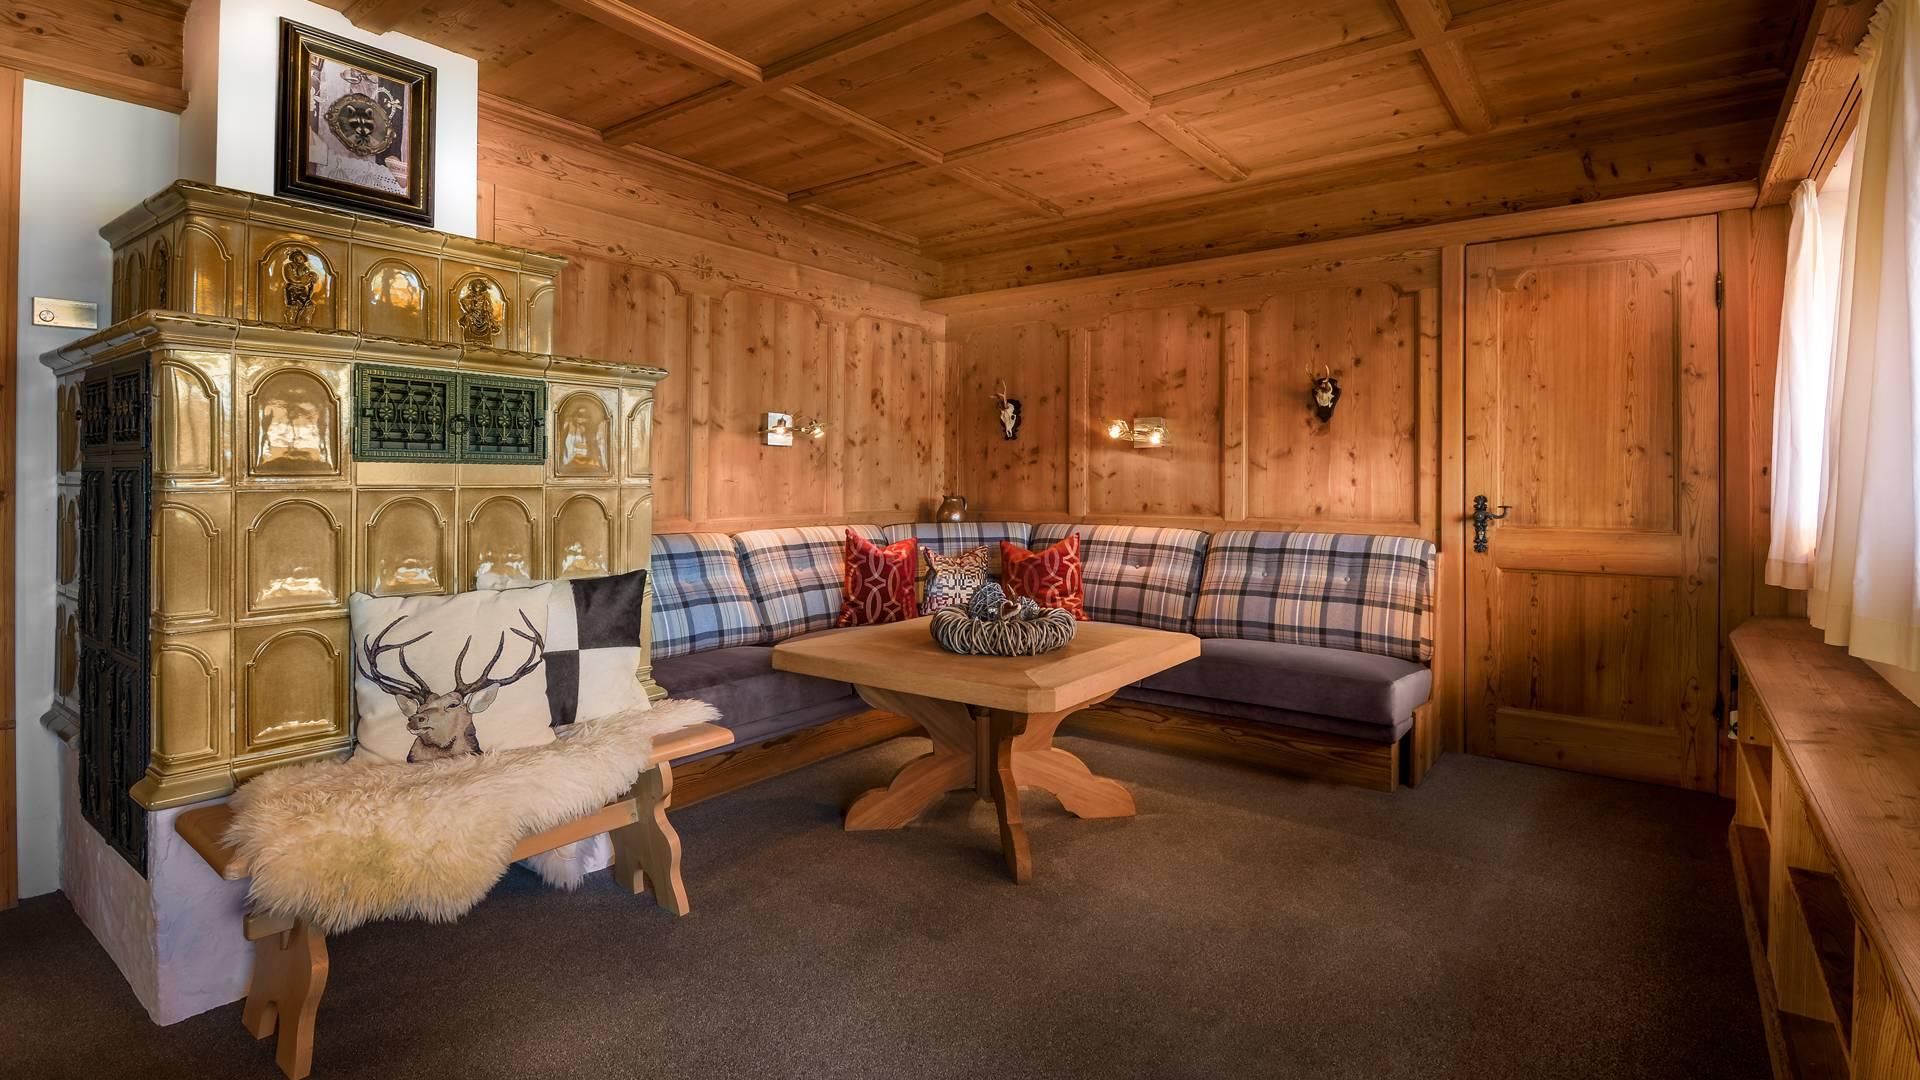 wohnen preise boutique hotel dreim derlhaus weissensee bei neuschwanstein im allg u. Black Bedroom Furniture Sets. Home Design Ideas